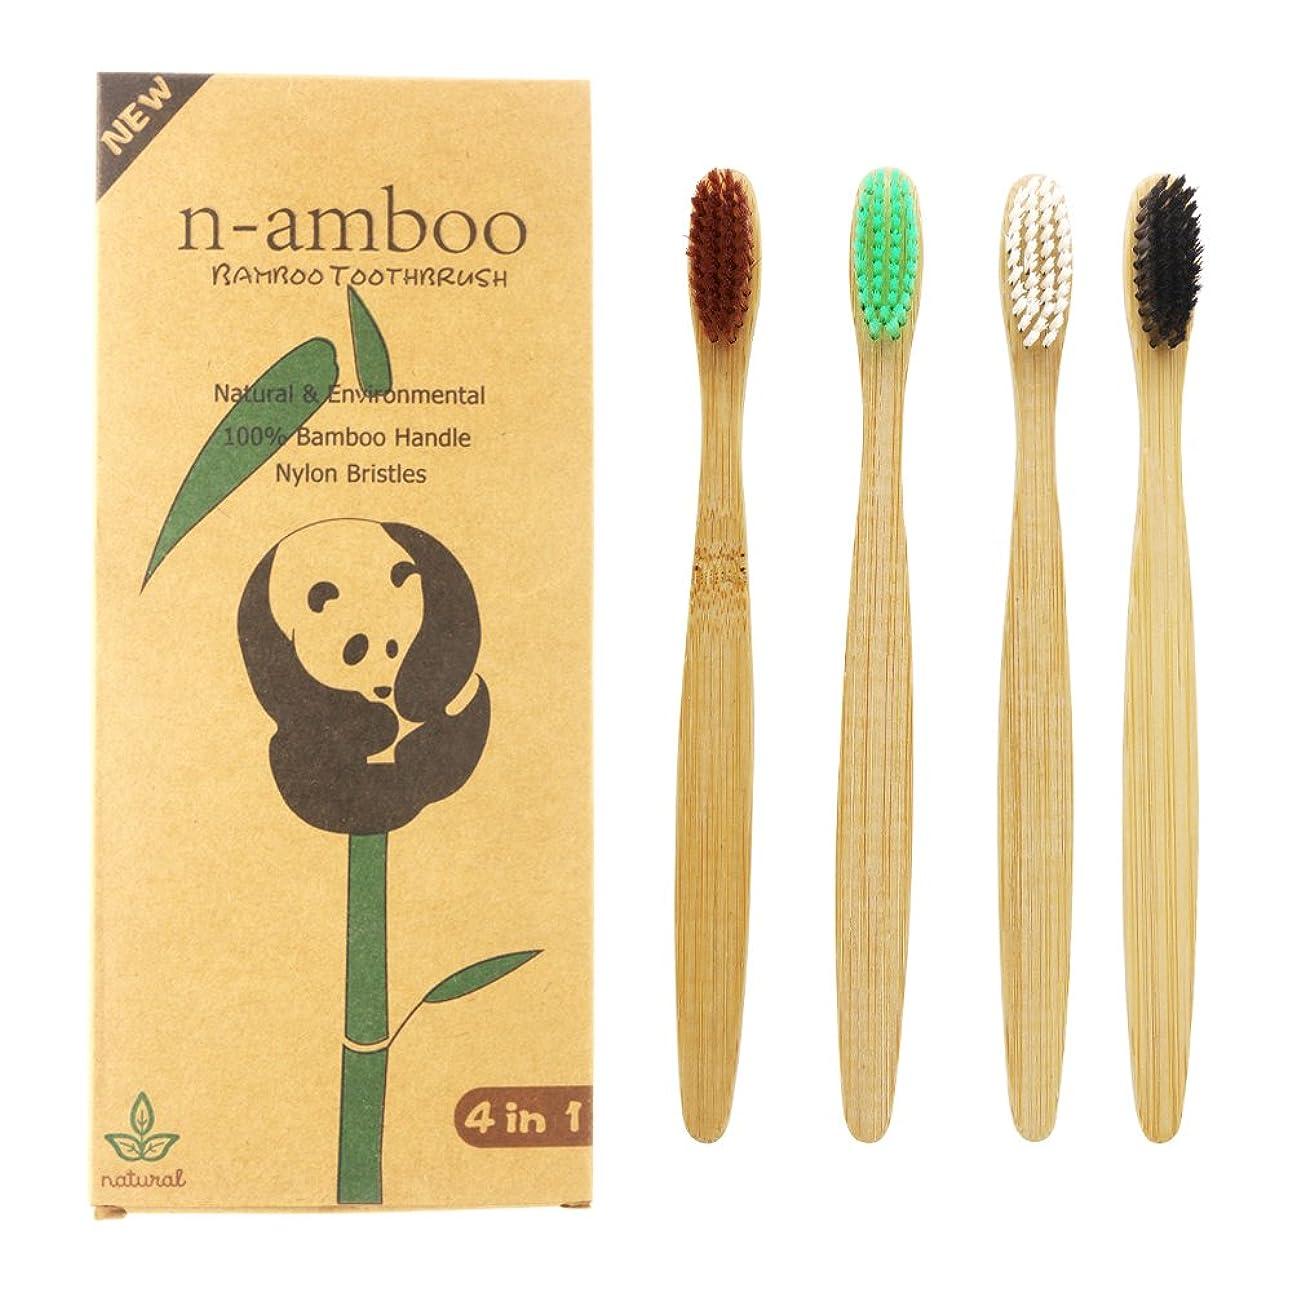 メンダシティ白雪姫ジュニアN-amboo 竹製 歯ブラシ 高耐久性 4種類 4色セット エコ 軽量 4本入りセット